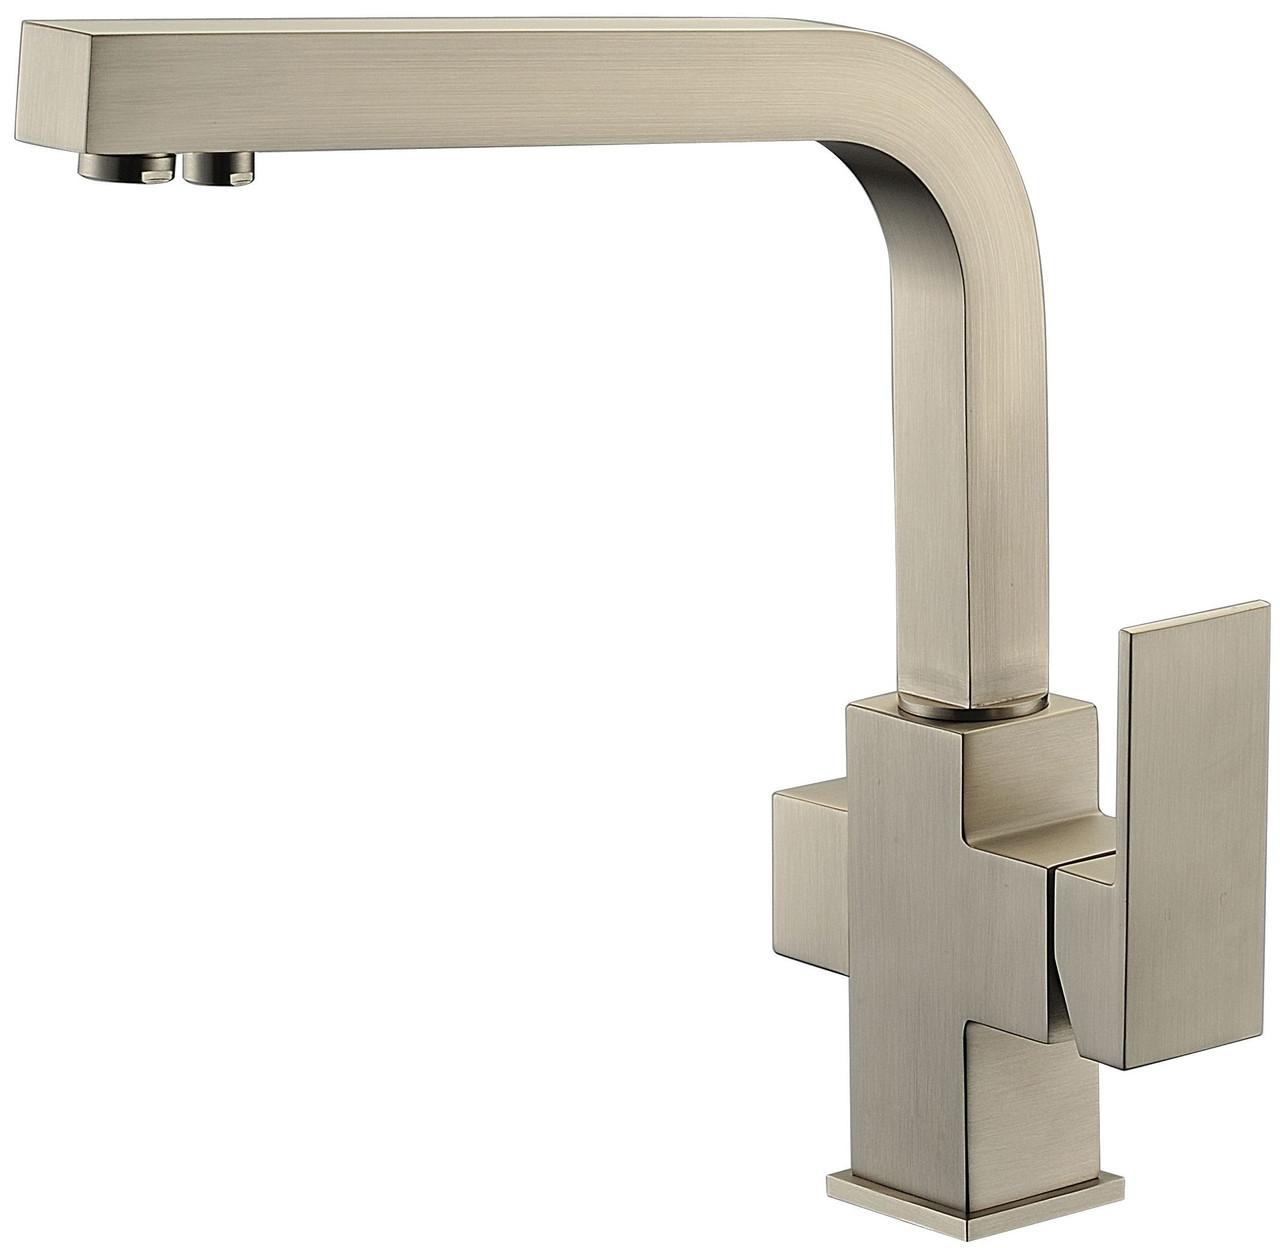 Смеситель с подключением фильтрованной воды 2 в 1 Kaiser Sonat 34044-5 Silver